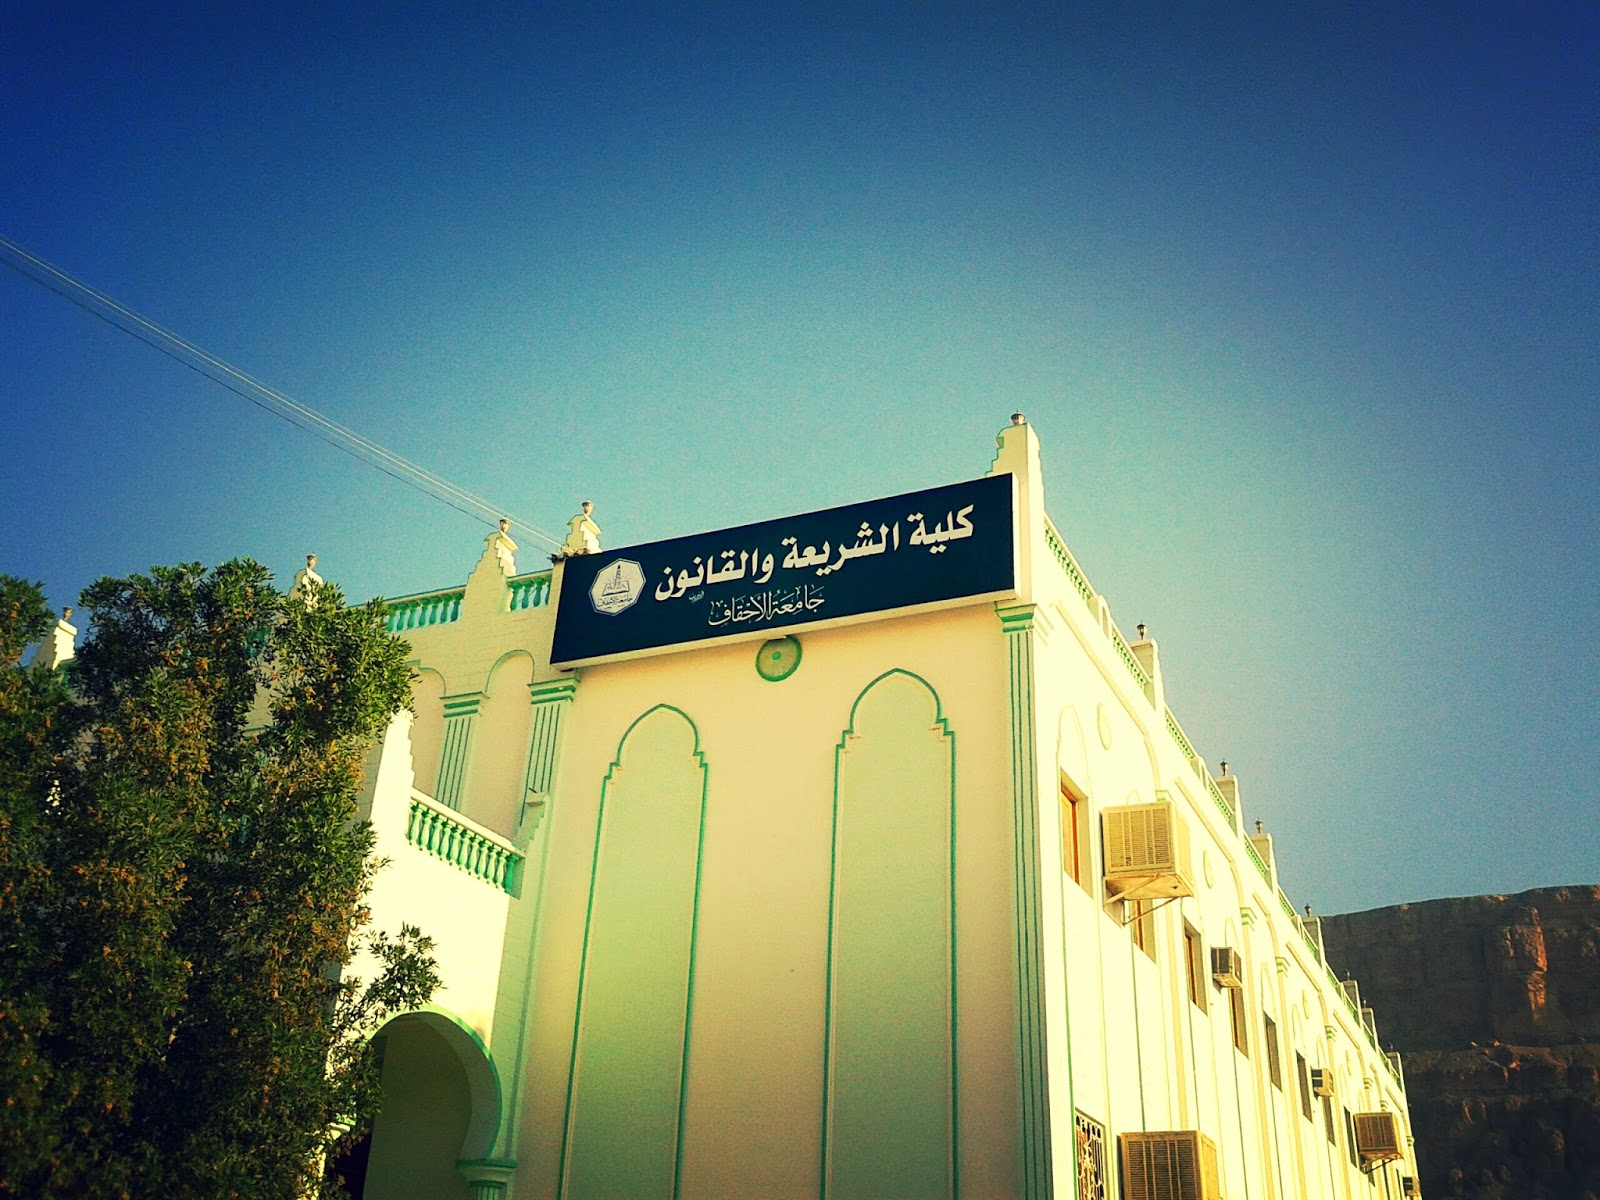 Gedung kampus Fakultas Syariah dan Hukum Universitas Al-Ahgaff Yaman